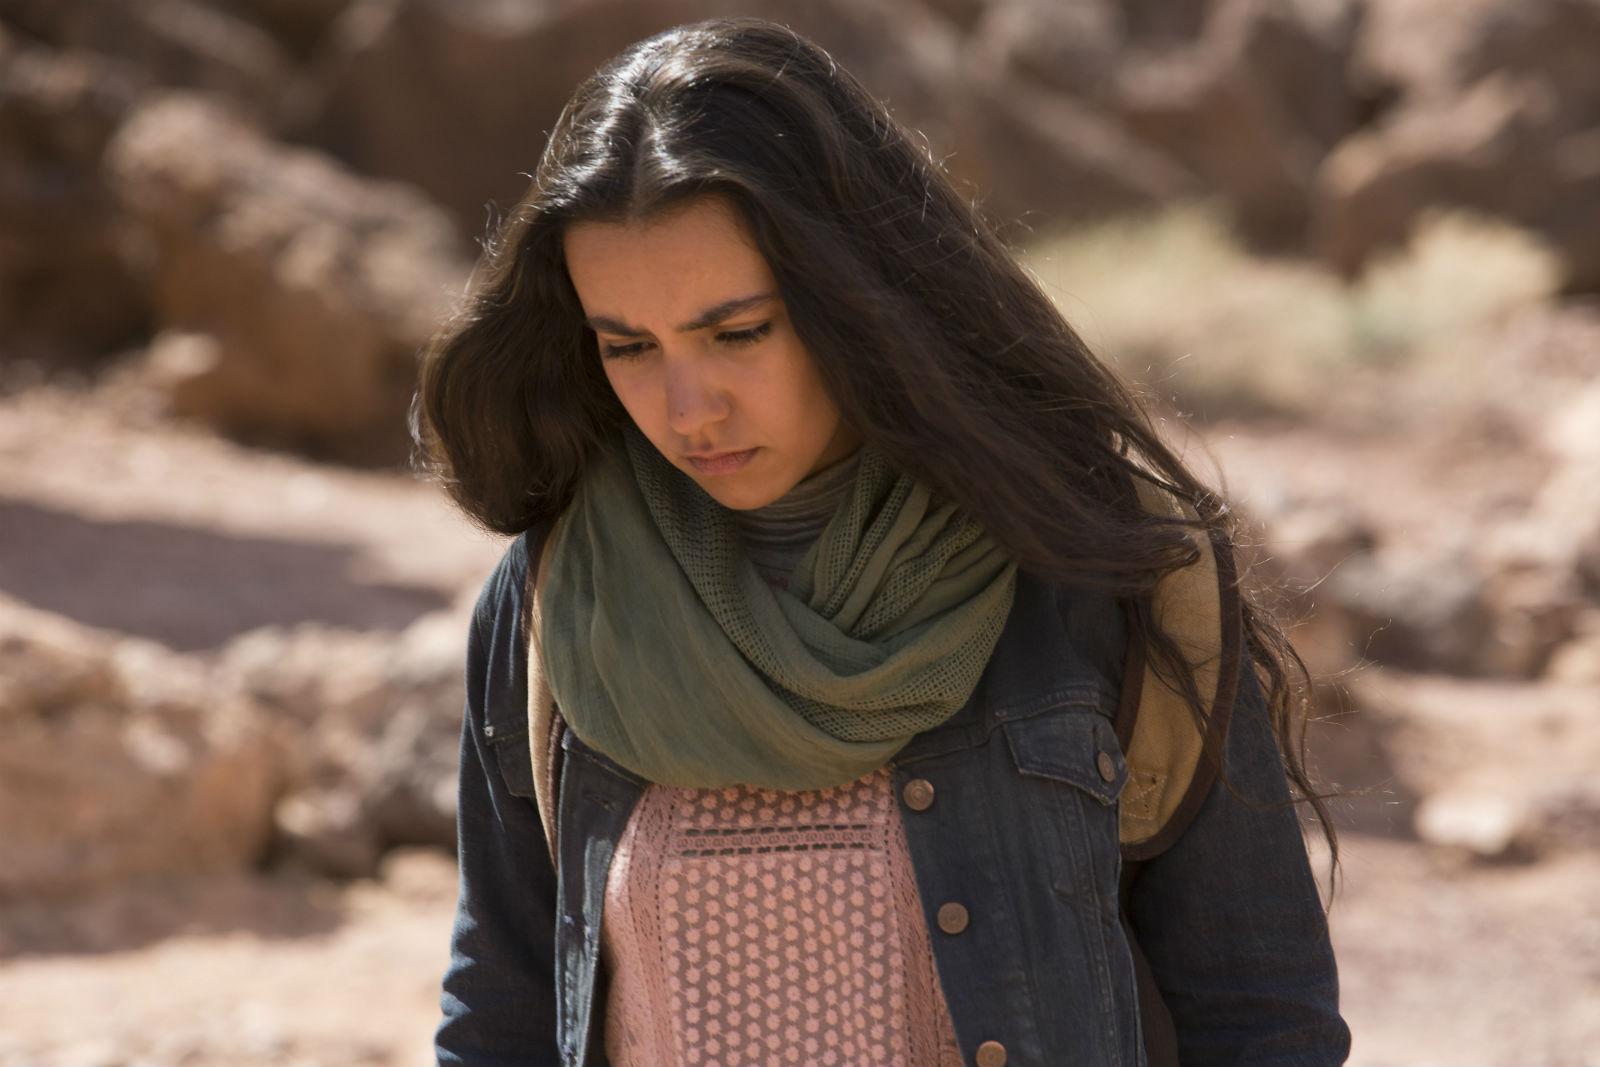 French actress Lina El Arabi.